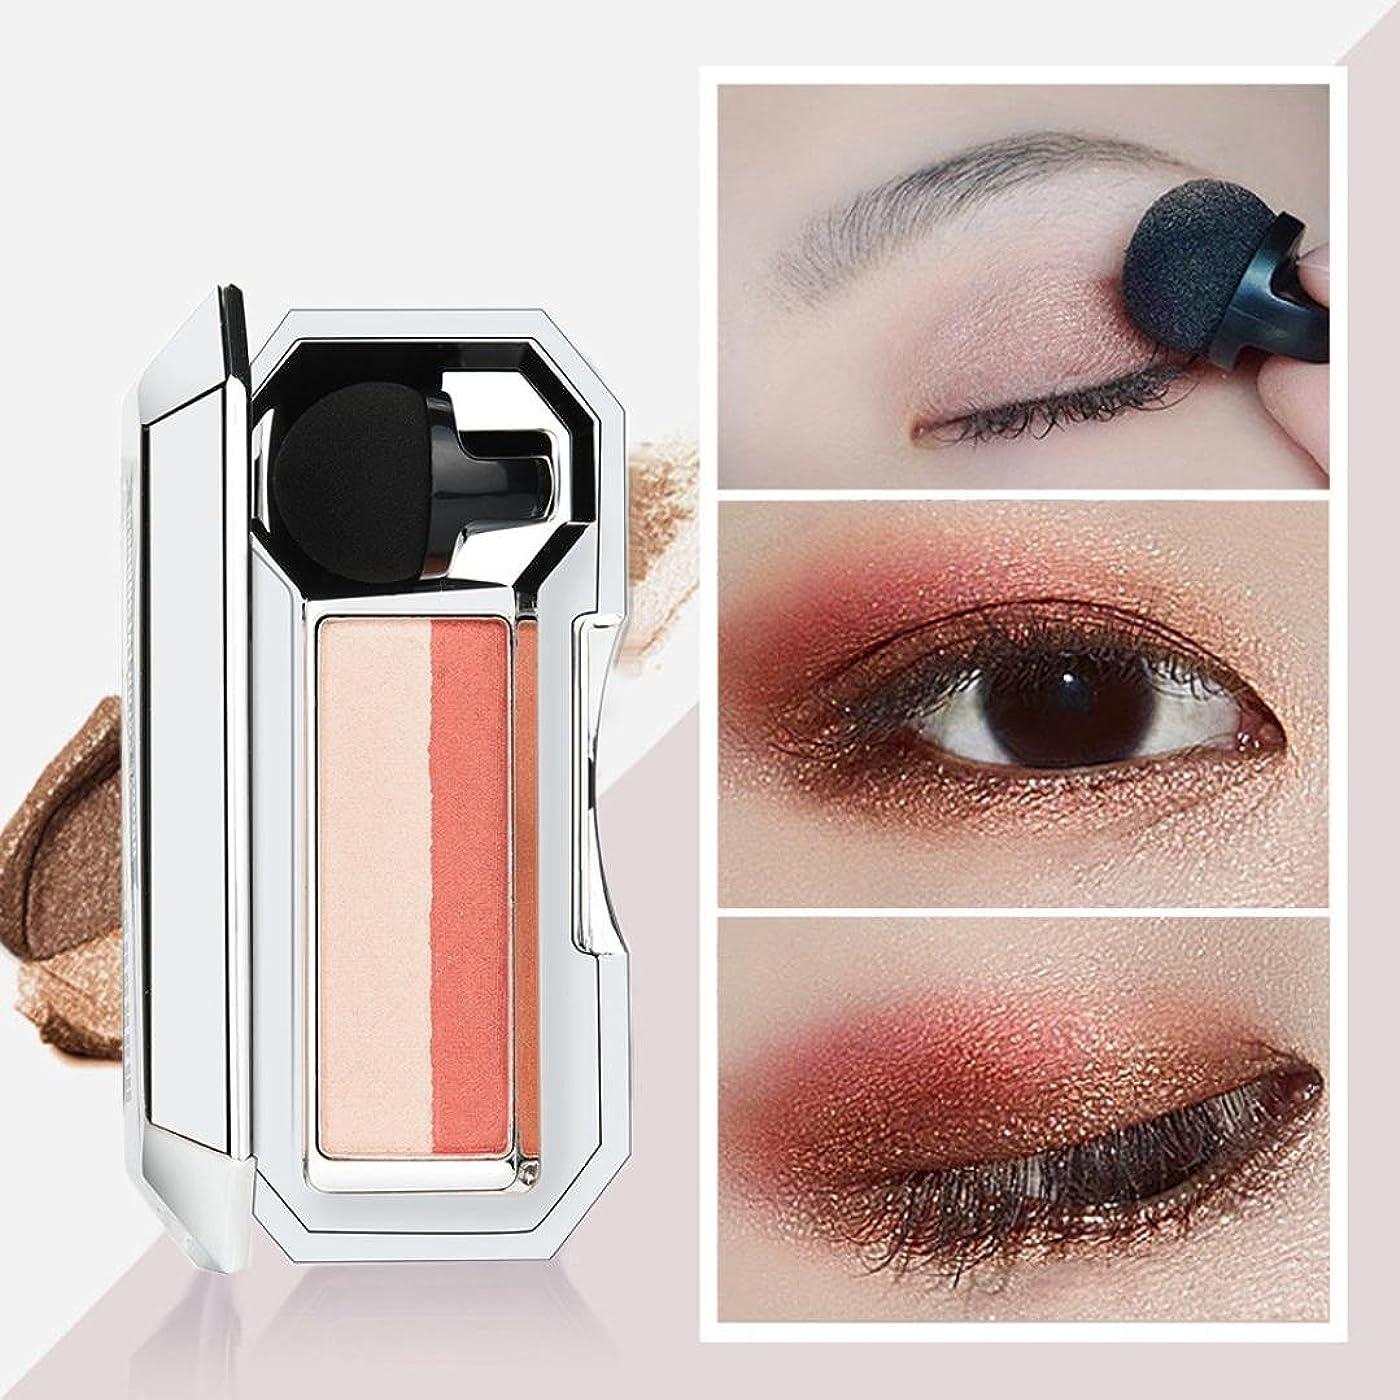 溶けるツーリストパイプビューティー アイシャドー BOBOGOJP 女性 2色 可愛い デザイン ミニスタンプアイシャドーパレット 携帯便利 極め細かい 化粧パウダー 持続性 スモーキーメイク (26F)